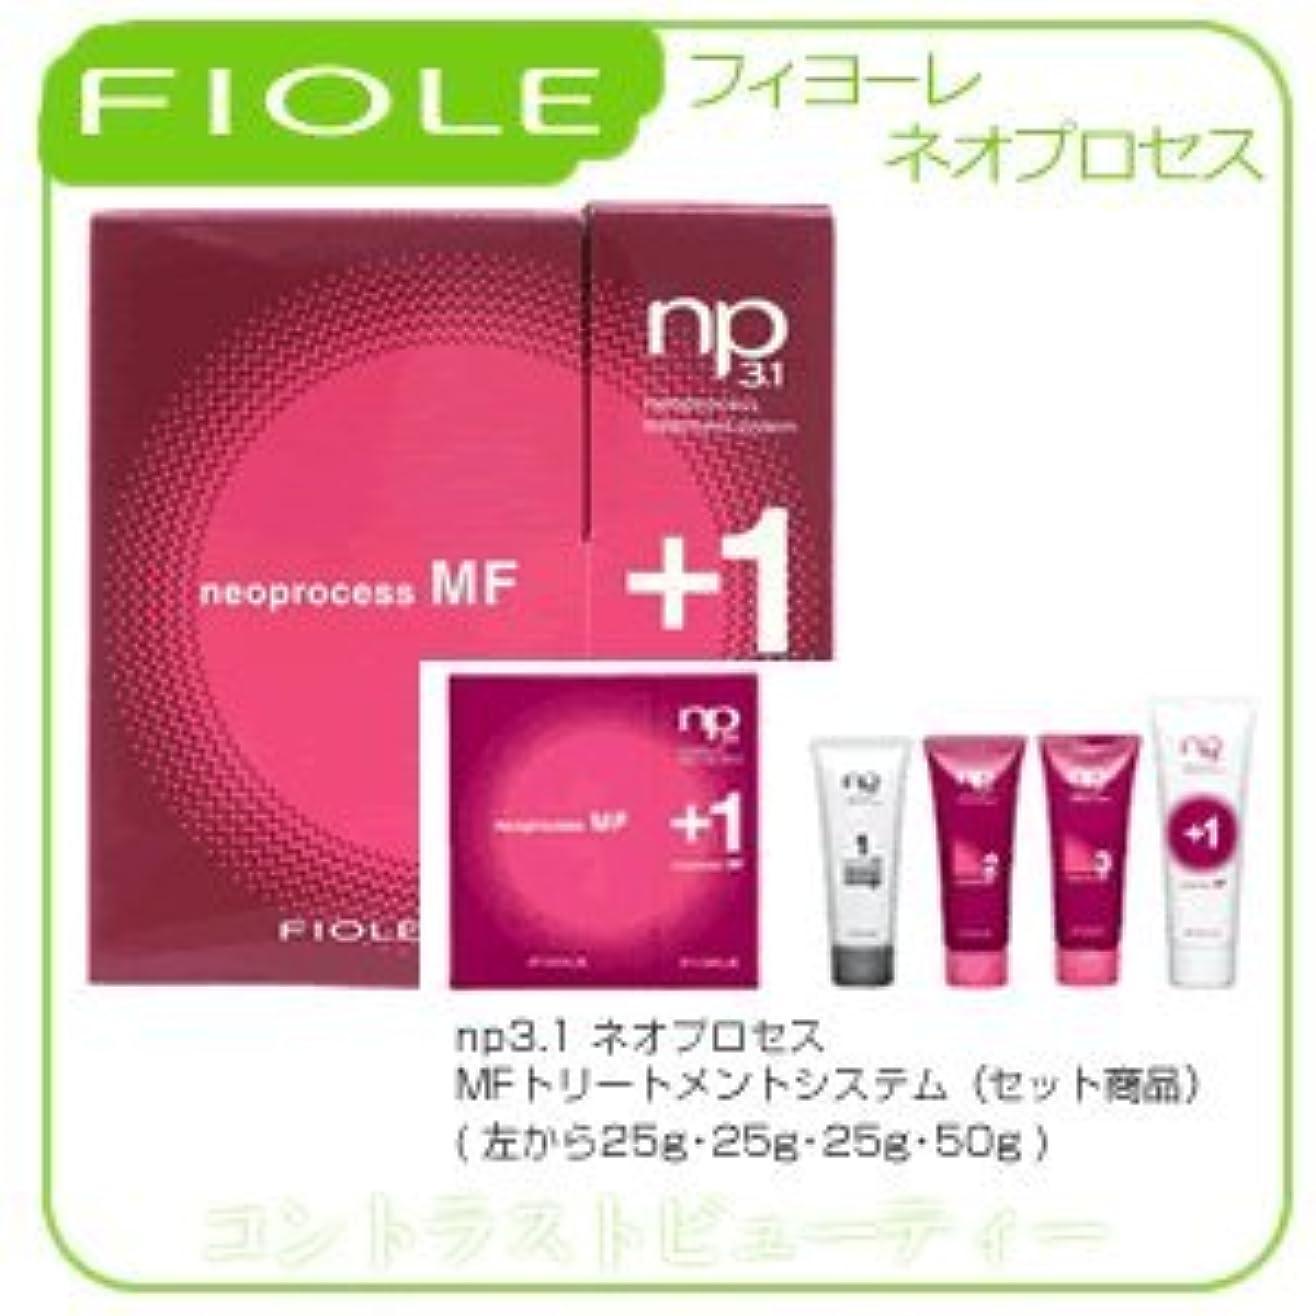 メロドラマ純粋な病者フィヨーレ NP3.1 ネオプロセス MF トリートメントシステム FIOLE ネオプロセス